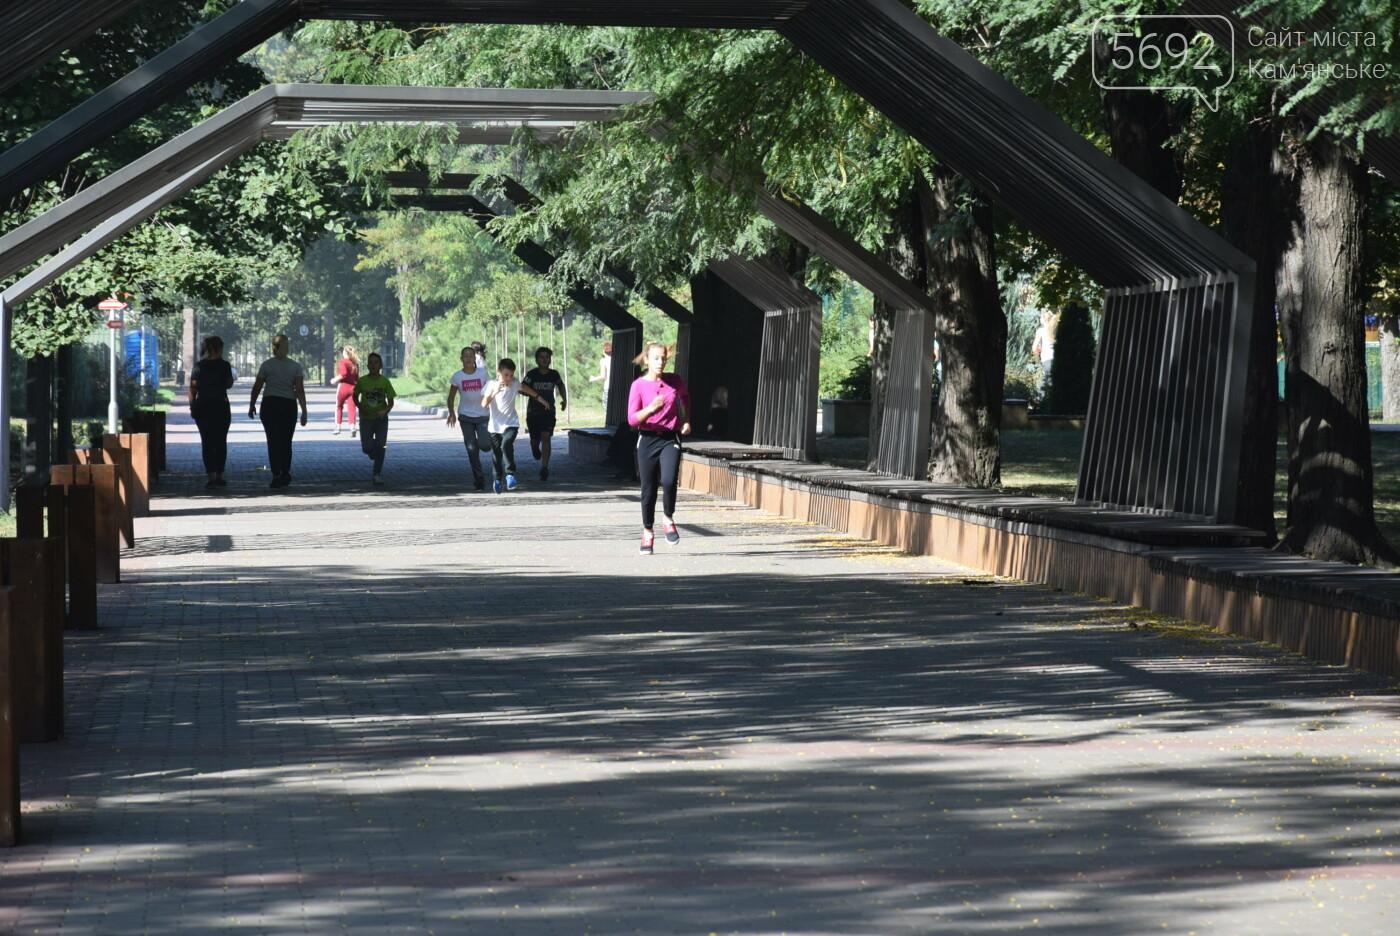 Ко Дню физкультуры и спорта: в Центральном парке Каменского соревновались школьники, фото-3